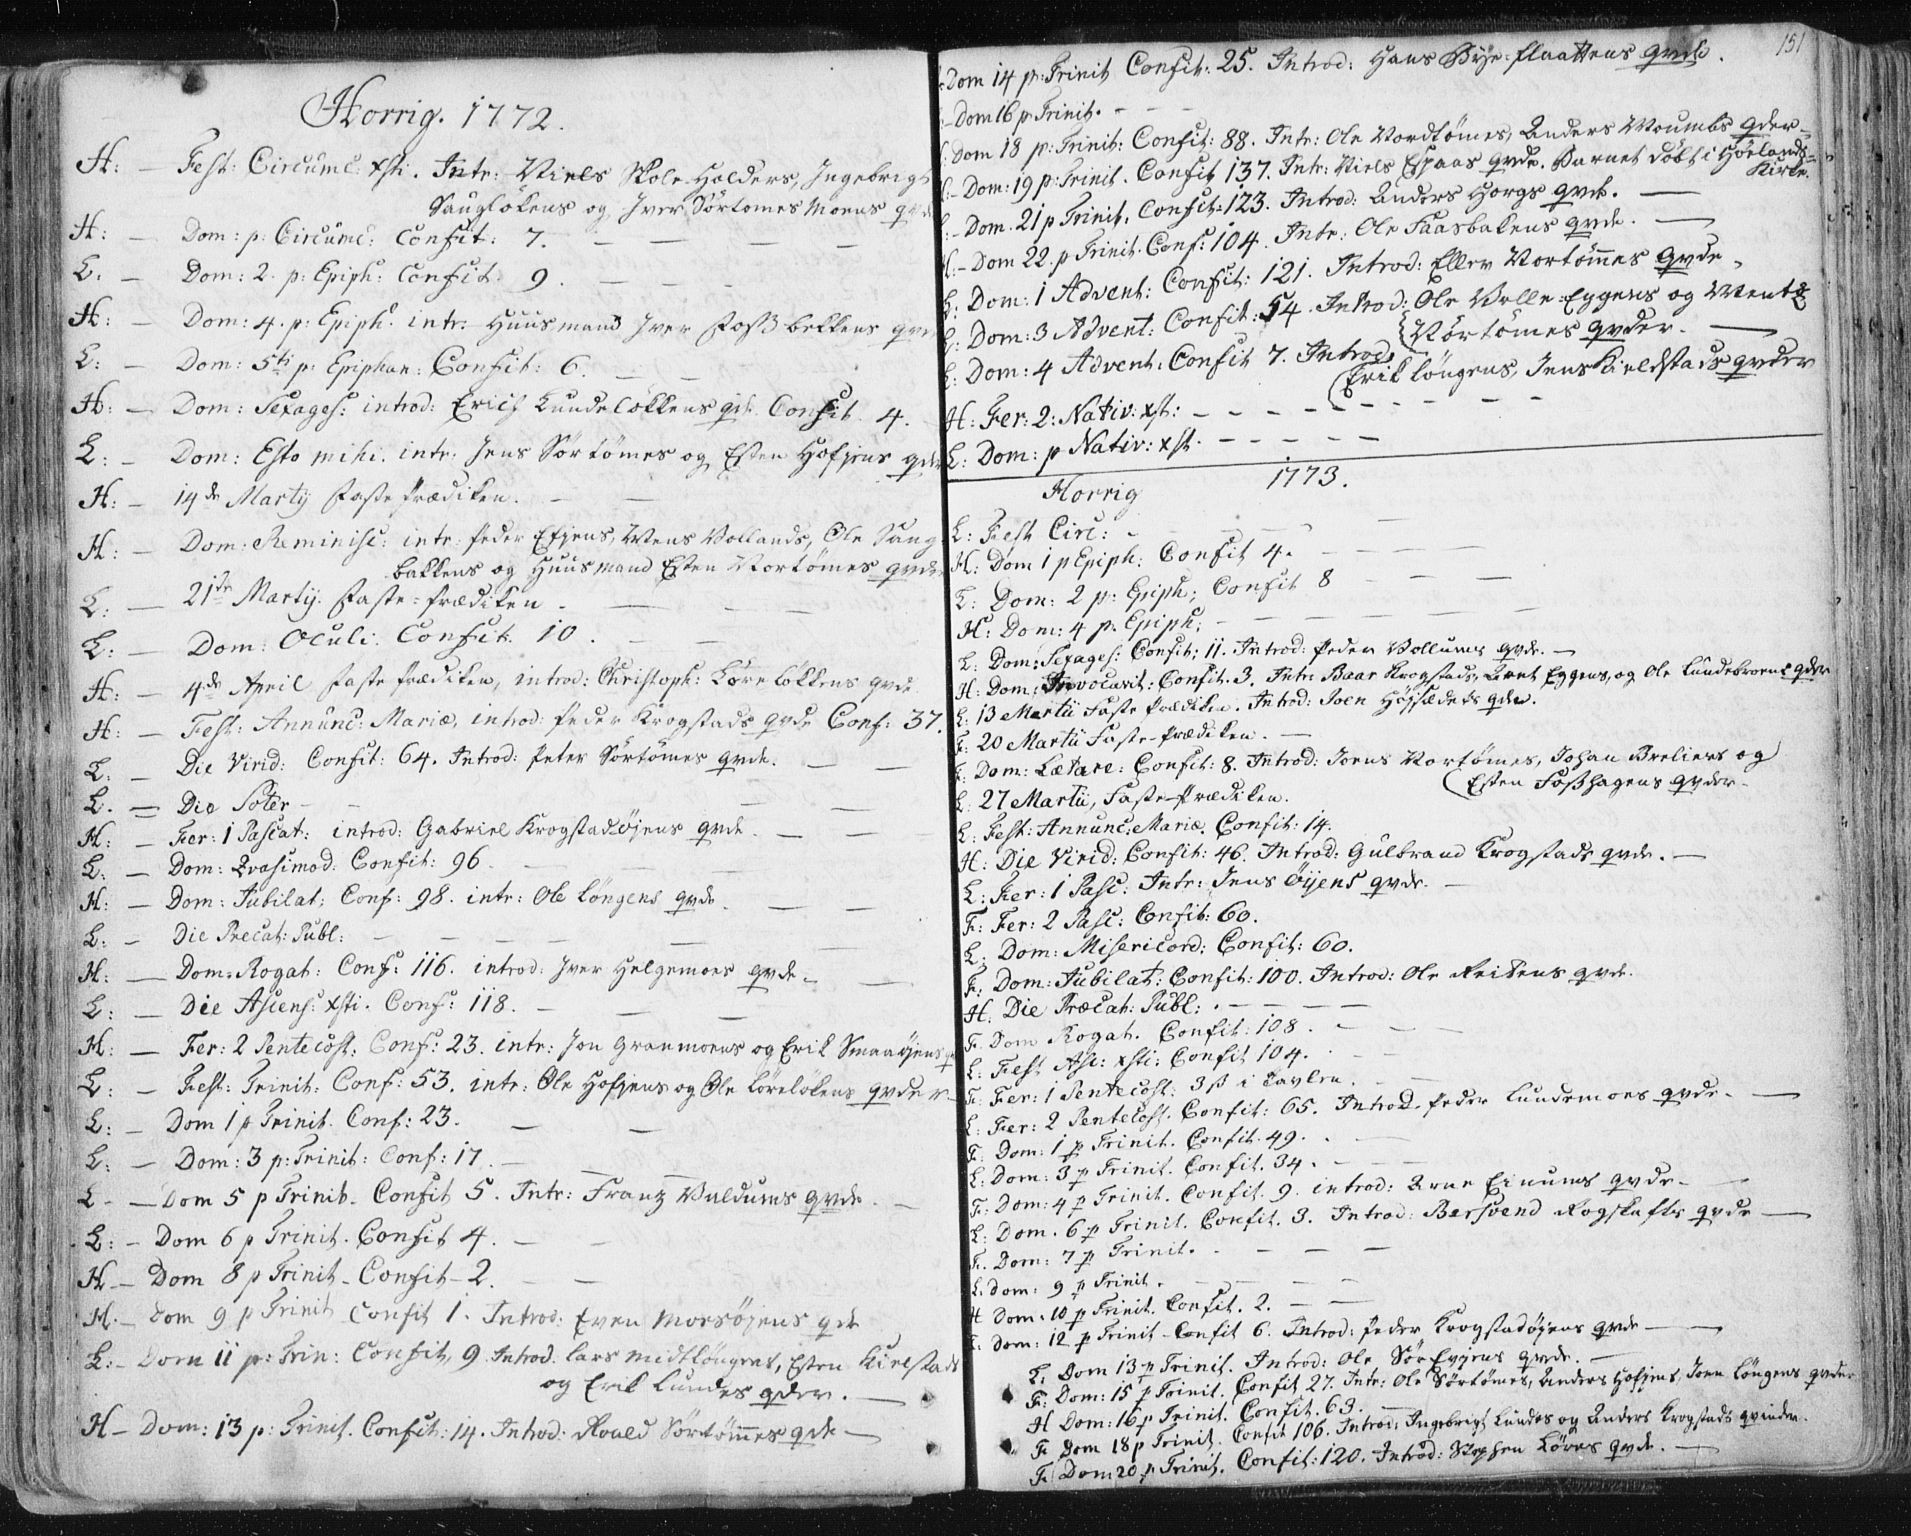 SAT, Ministerialprotokoller, klokkerbøker og fødselsregistre - Sør-Trøndelag, 687/L0991: Ministerialbok nr. 687A02, 1747-1790, s. 151